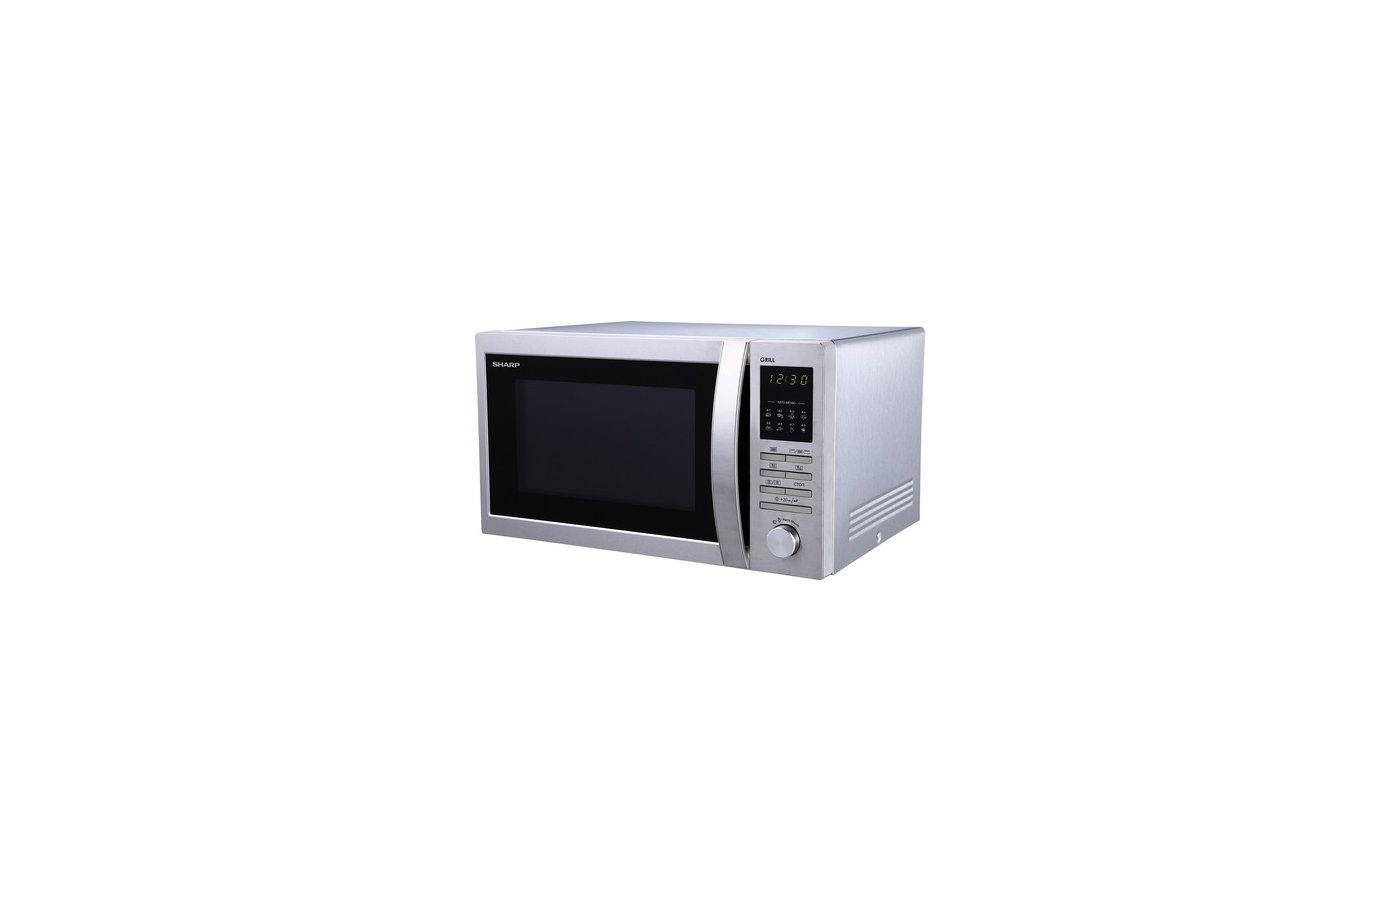 Микроволновая печь SHARP R7496ST